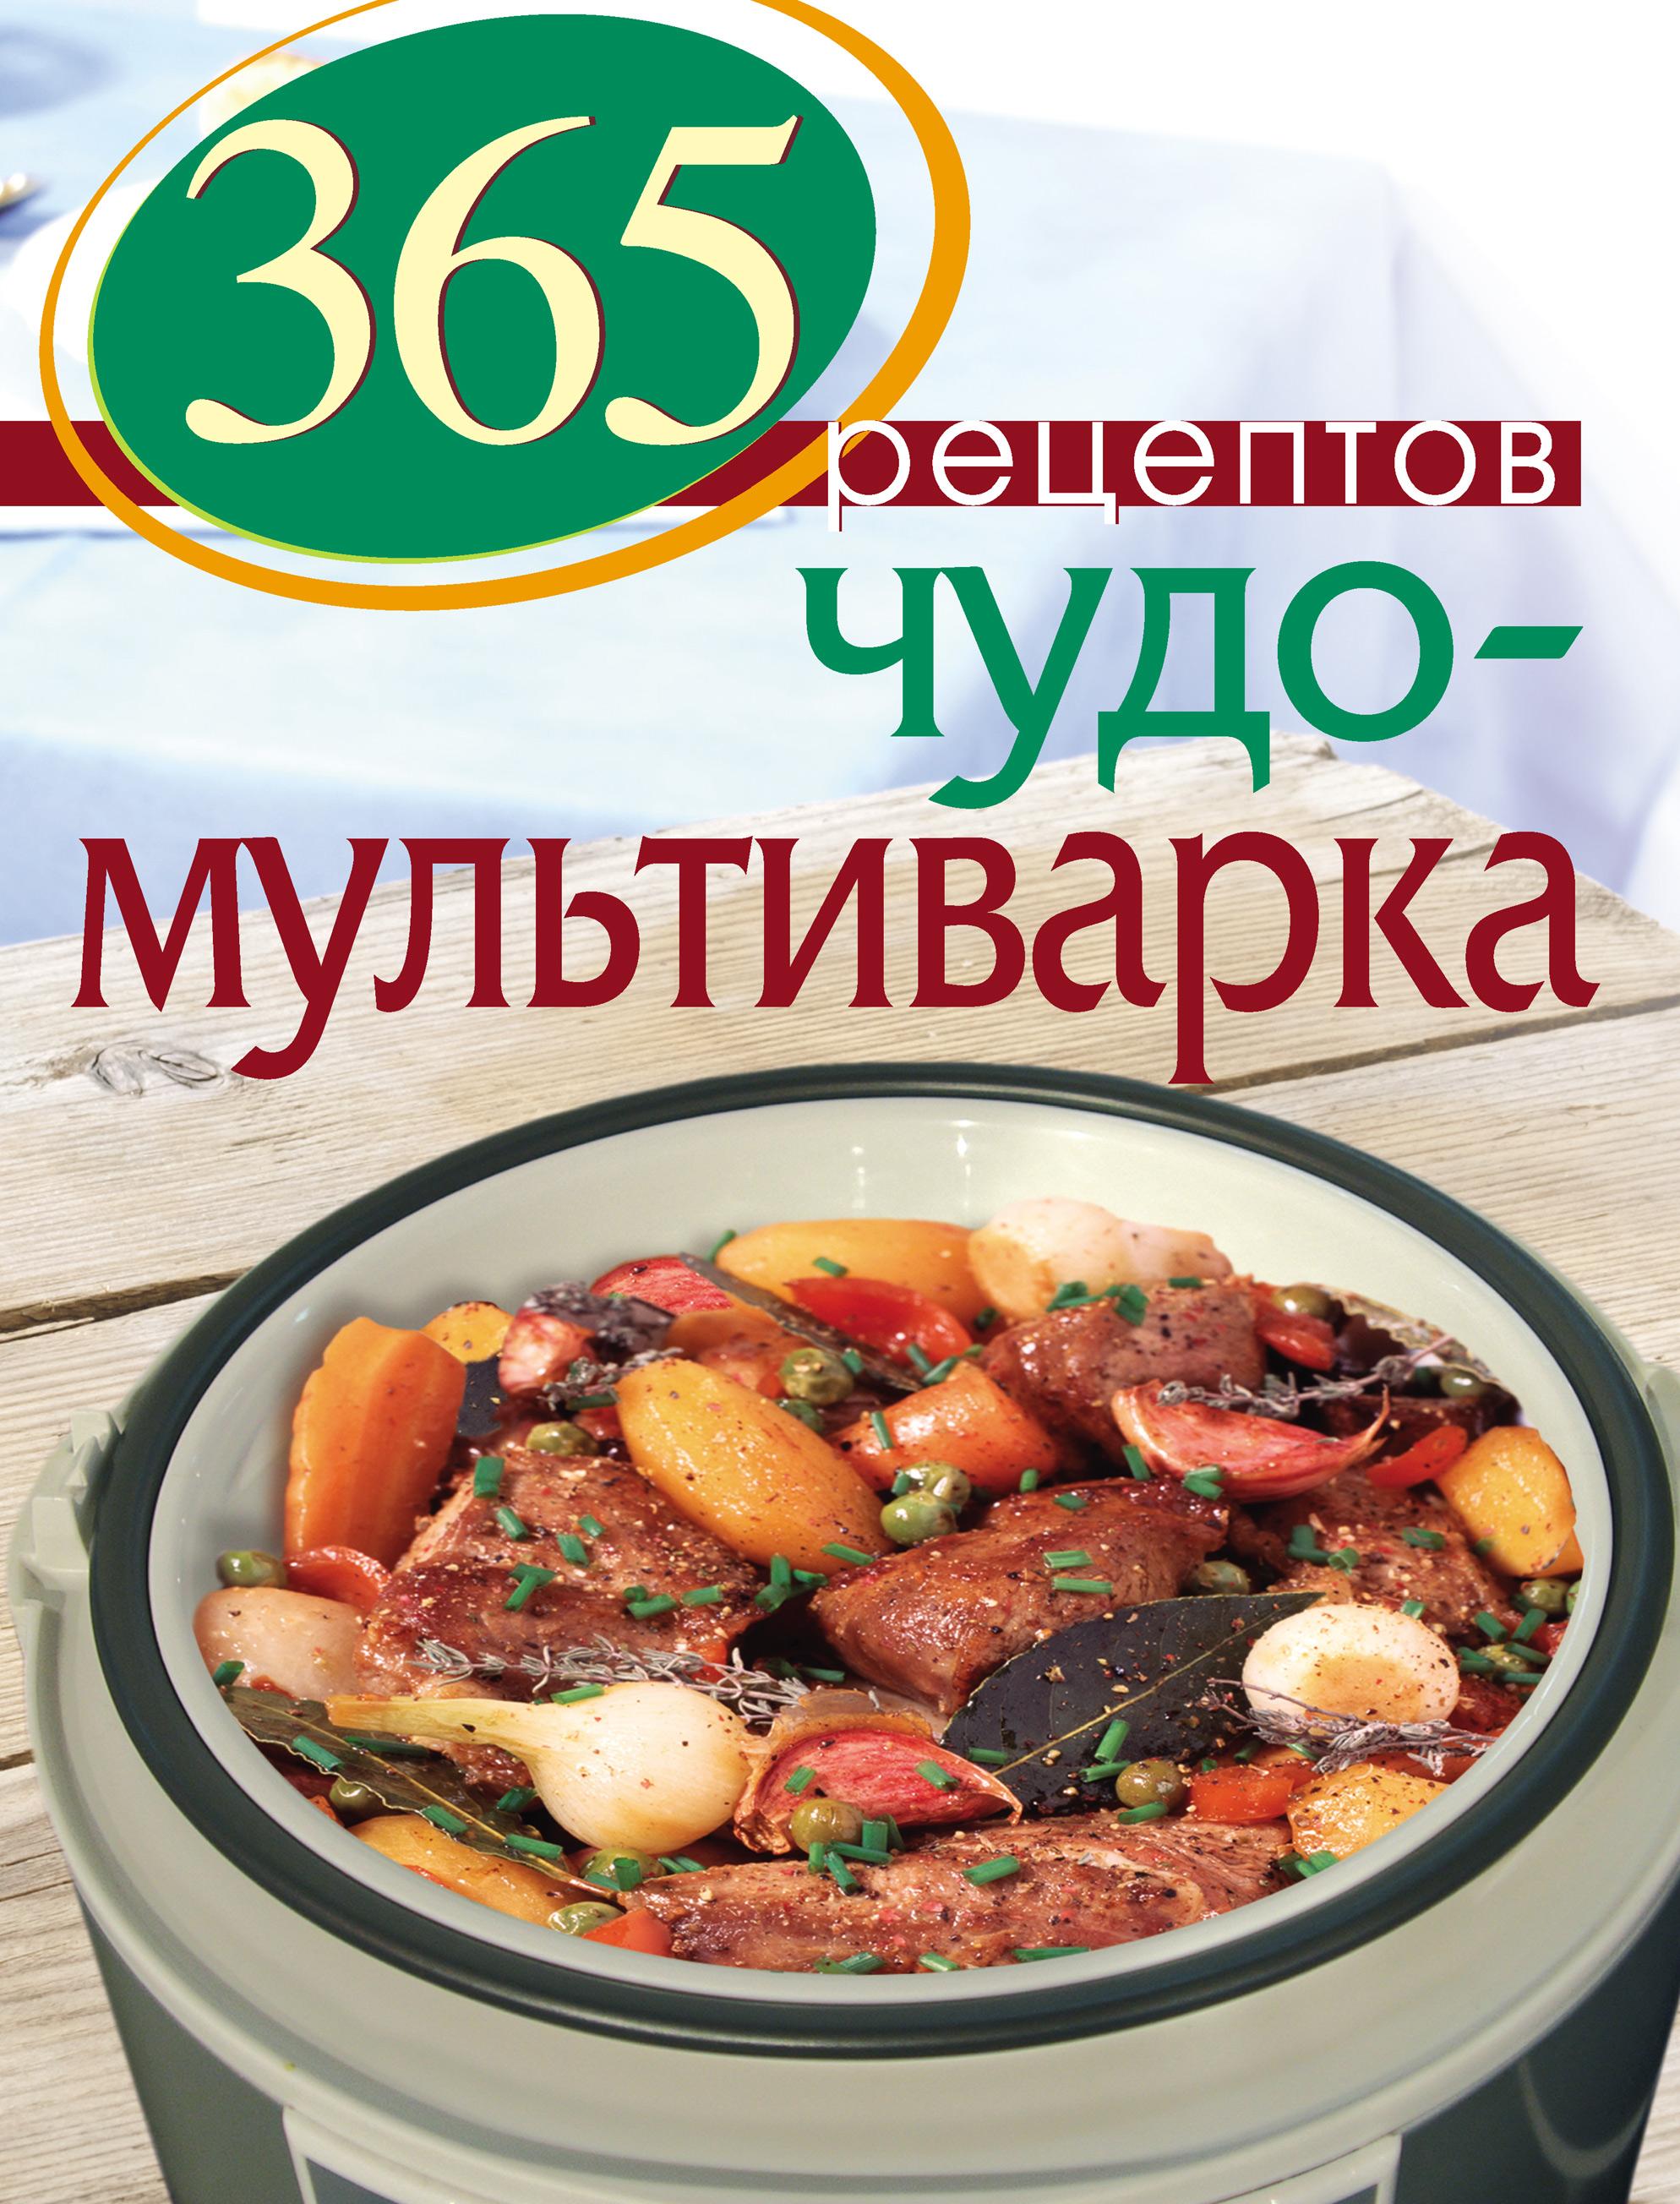 Отсутствует 365 рецептов. Чудо-мультиварка отсутствует мультиварка вторые блюда